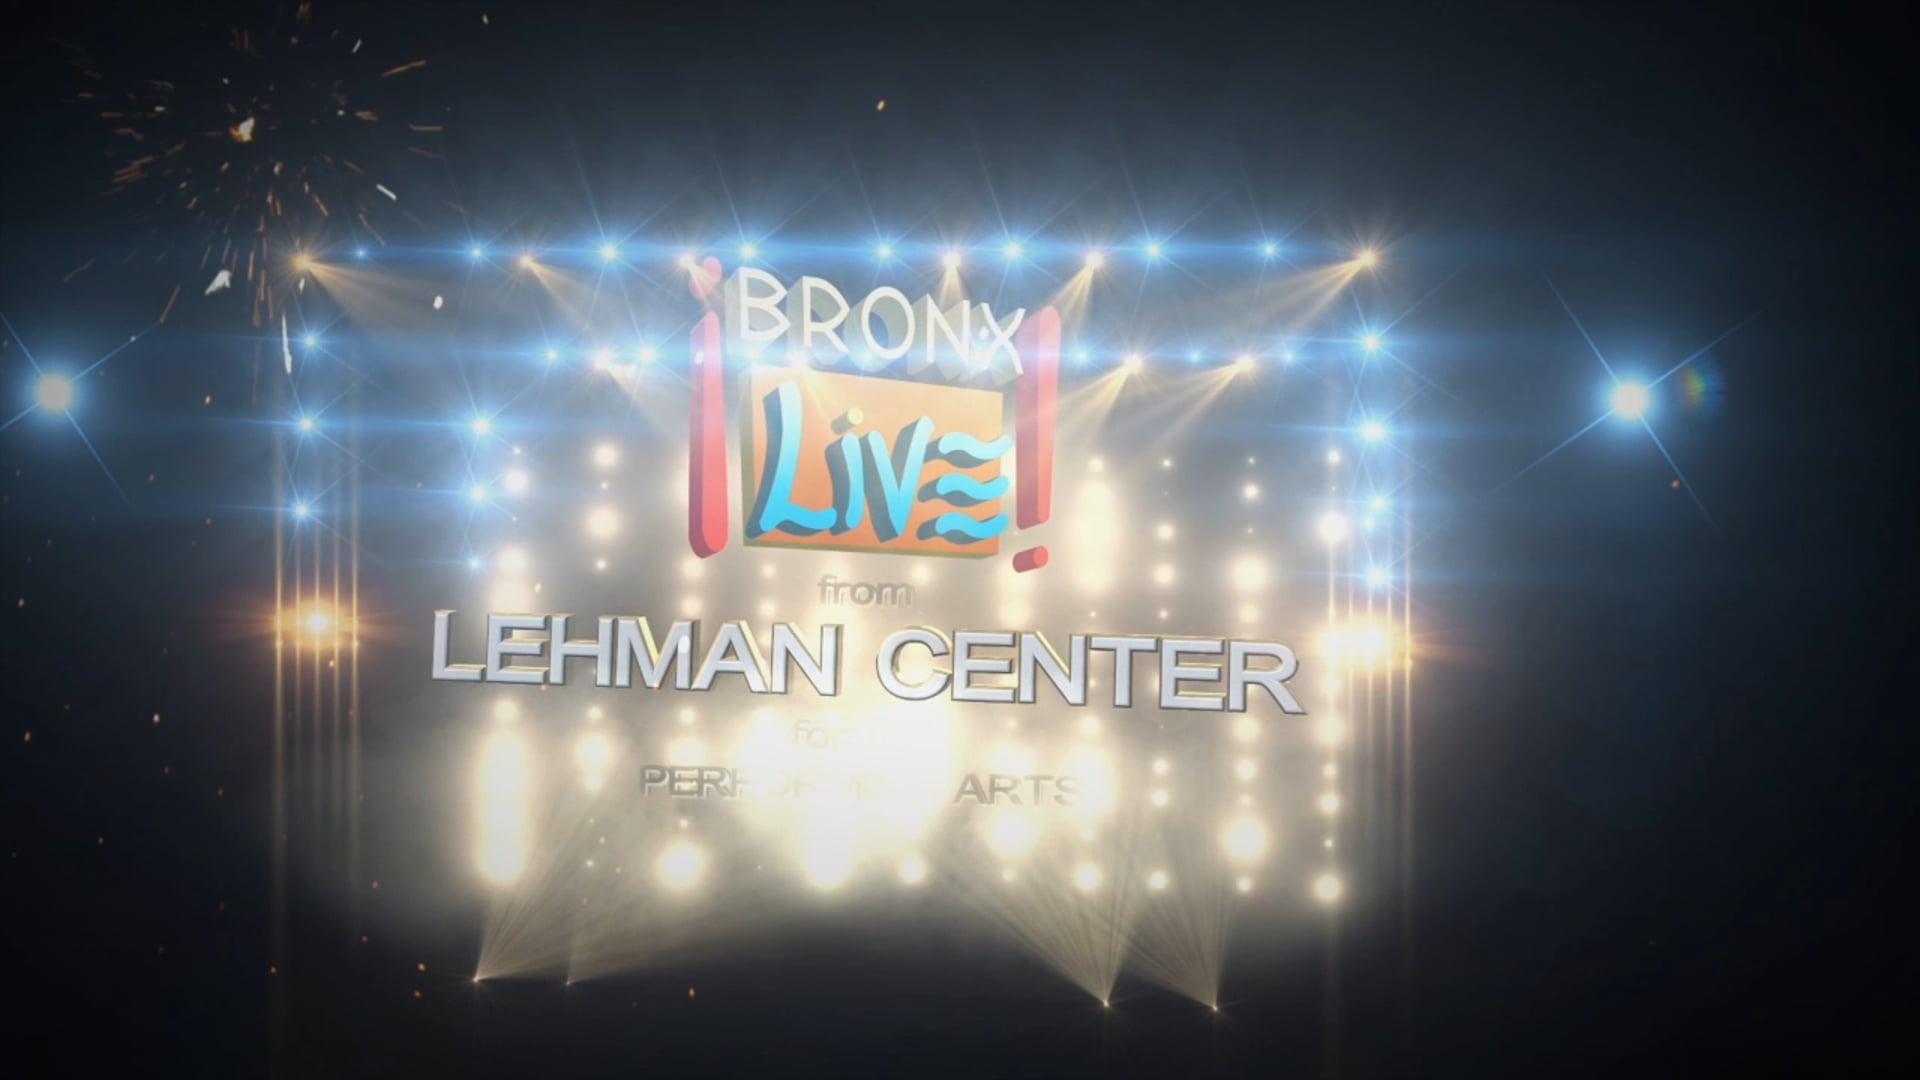 BronxLive-Lehman Center OPEN (Excerpt)